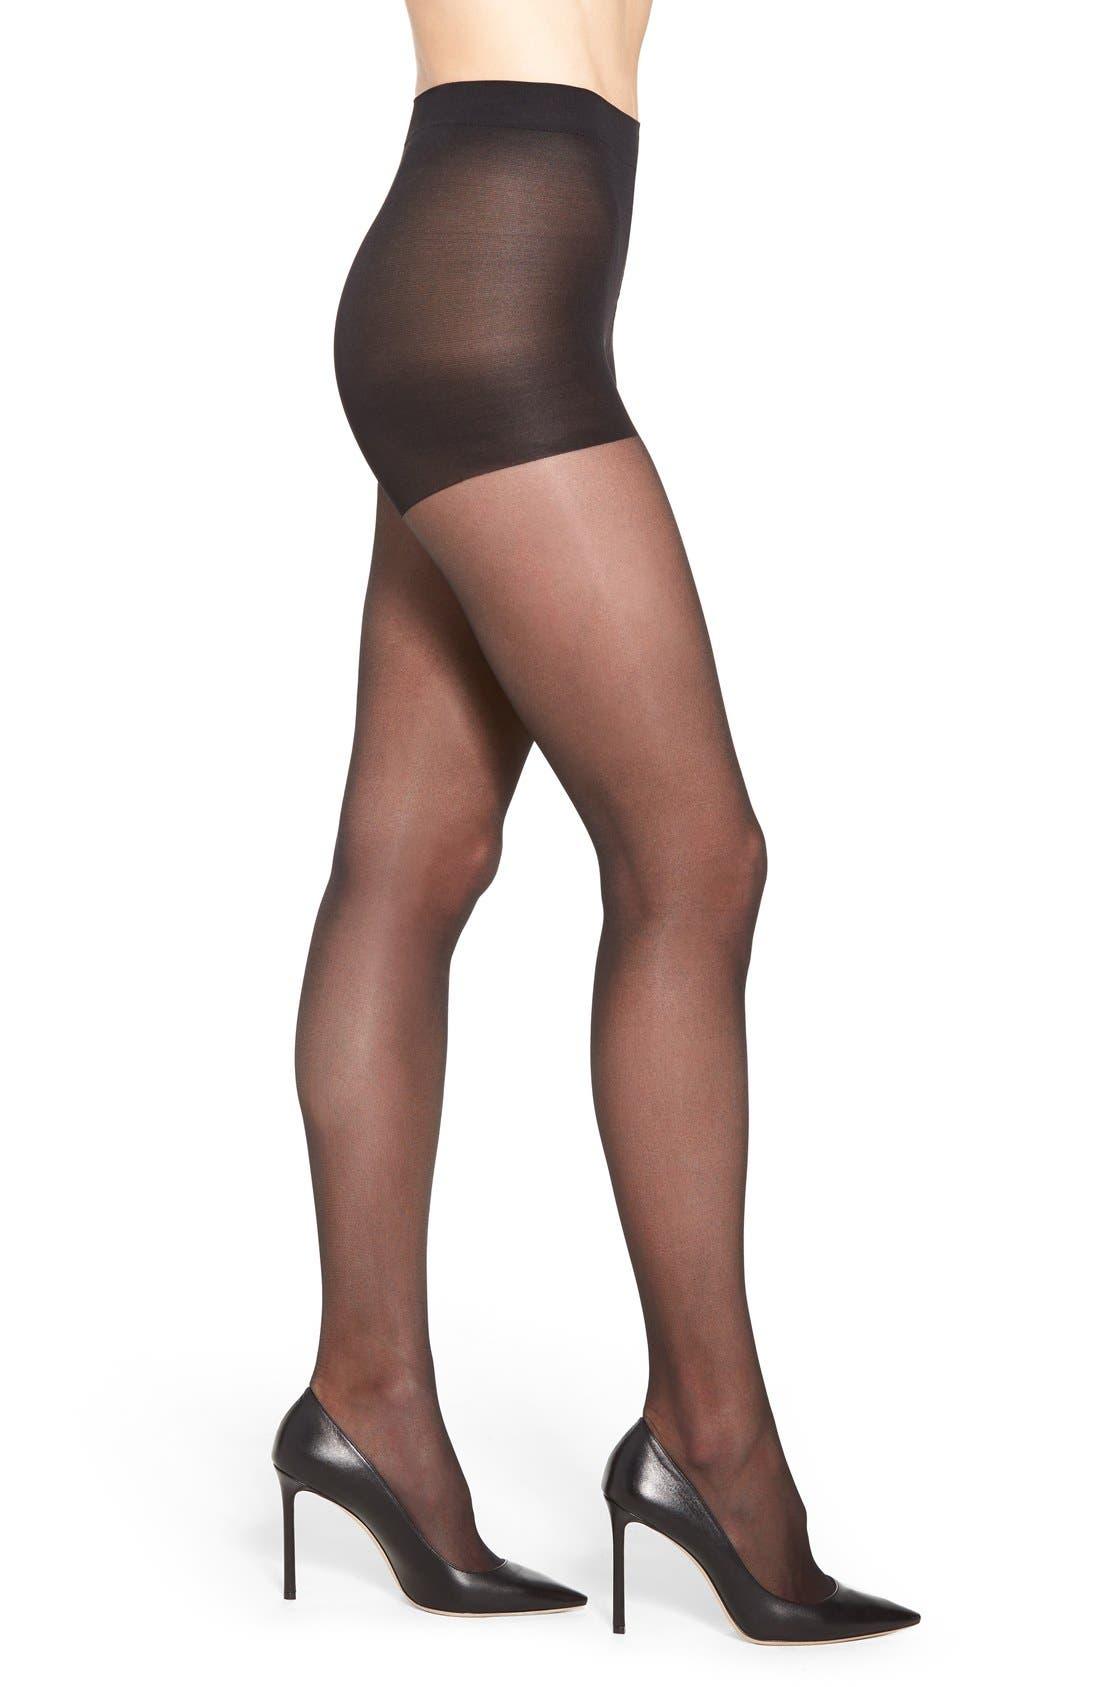 Panties stockings pantyhose stories